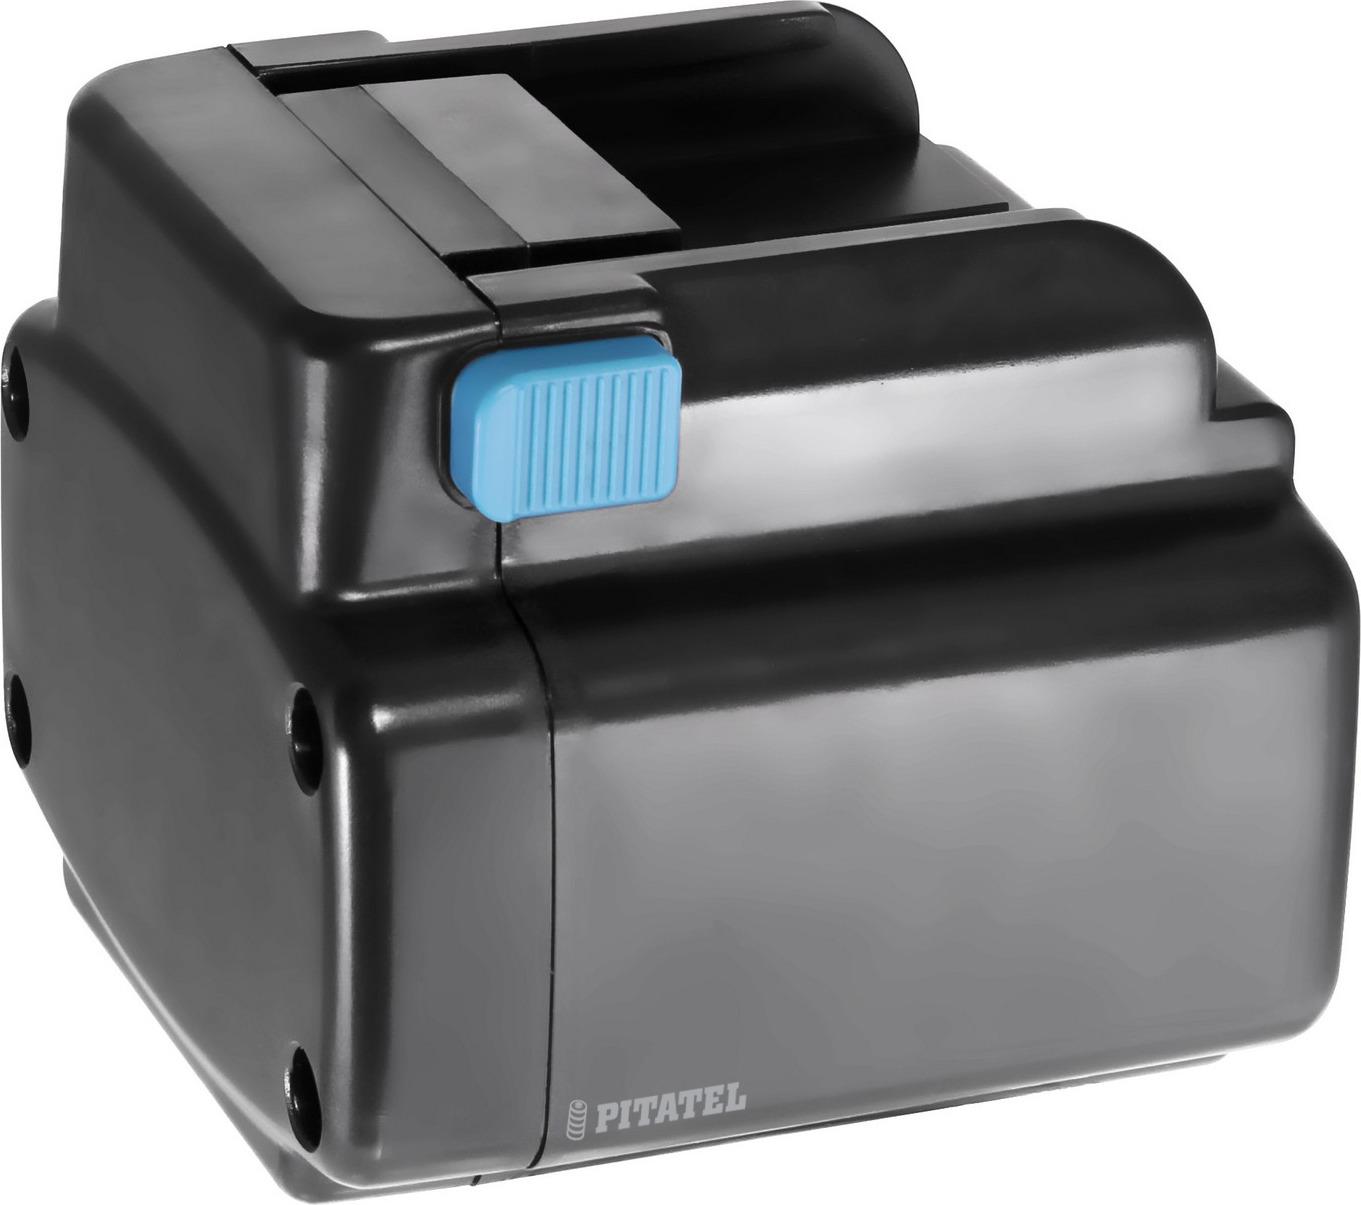 Аккумулятор для инструмента HITACHI Pitatel TSB-029-HIT24-20C, черный projector lamp for hitachi cp wx410 bulb p n dt00911 78 6969 9947 9 220w uhb id lmp1283